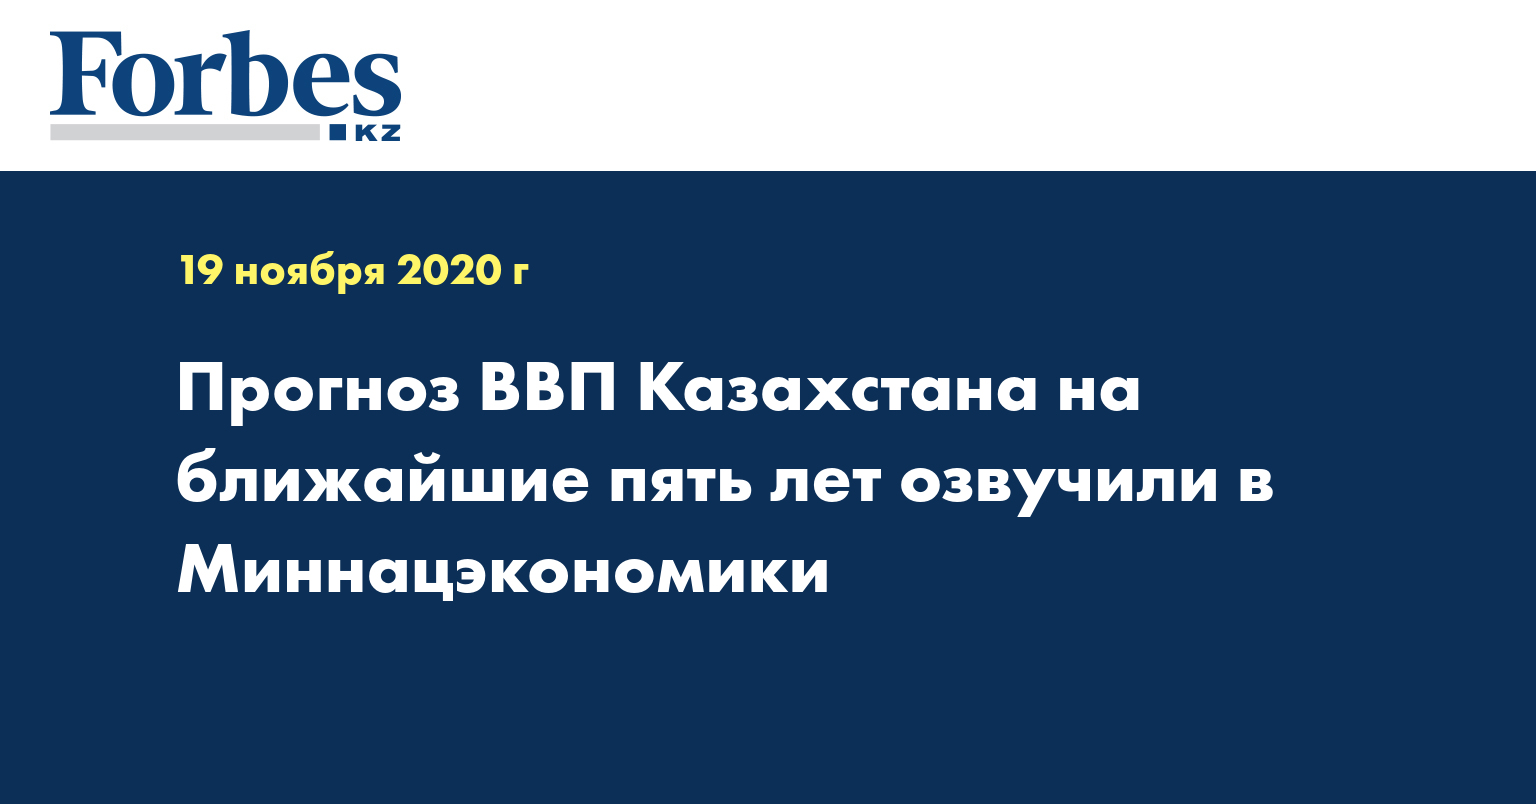 Прогноз ВВП Казахстана на ближайшие пять лет озвучили в Миннацэкономики